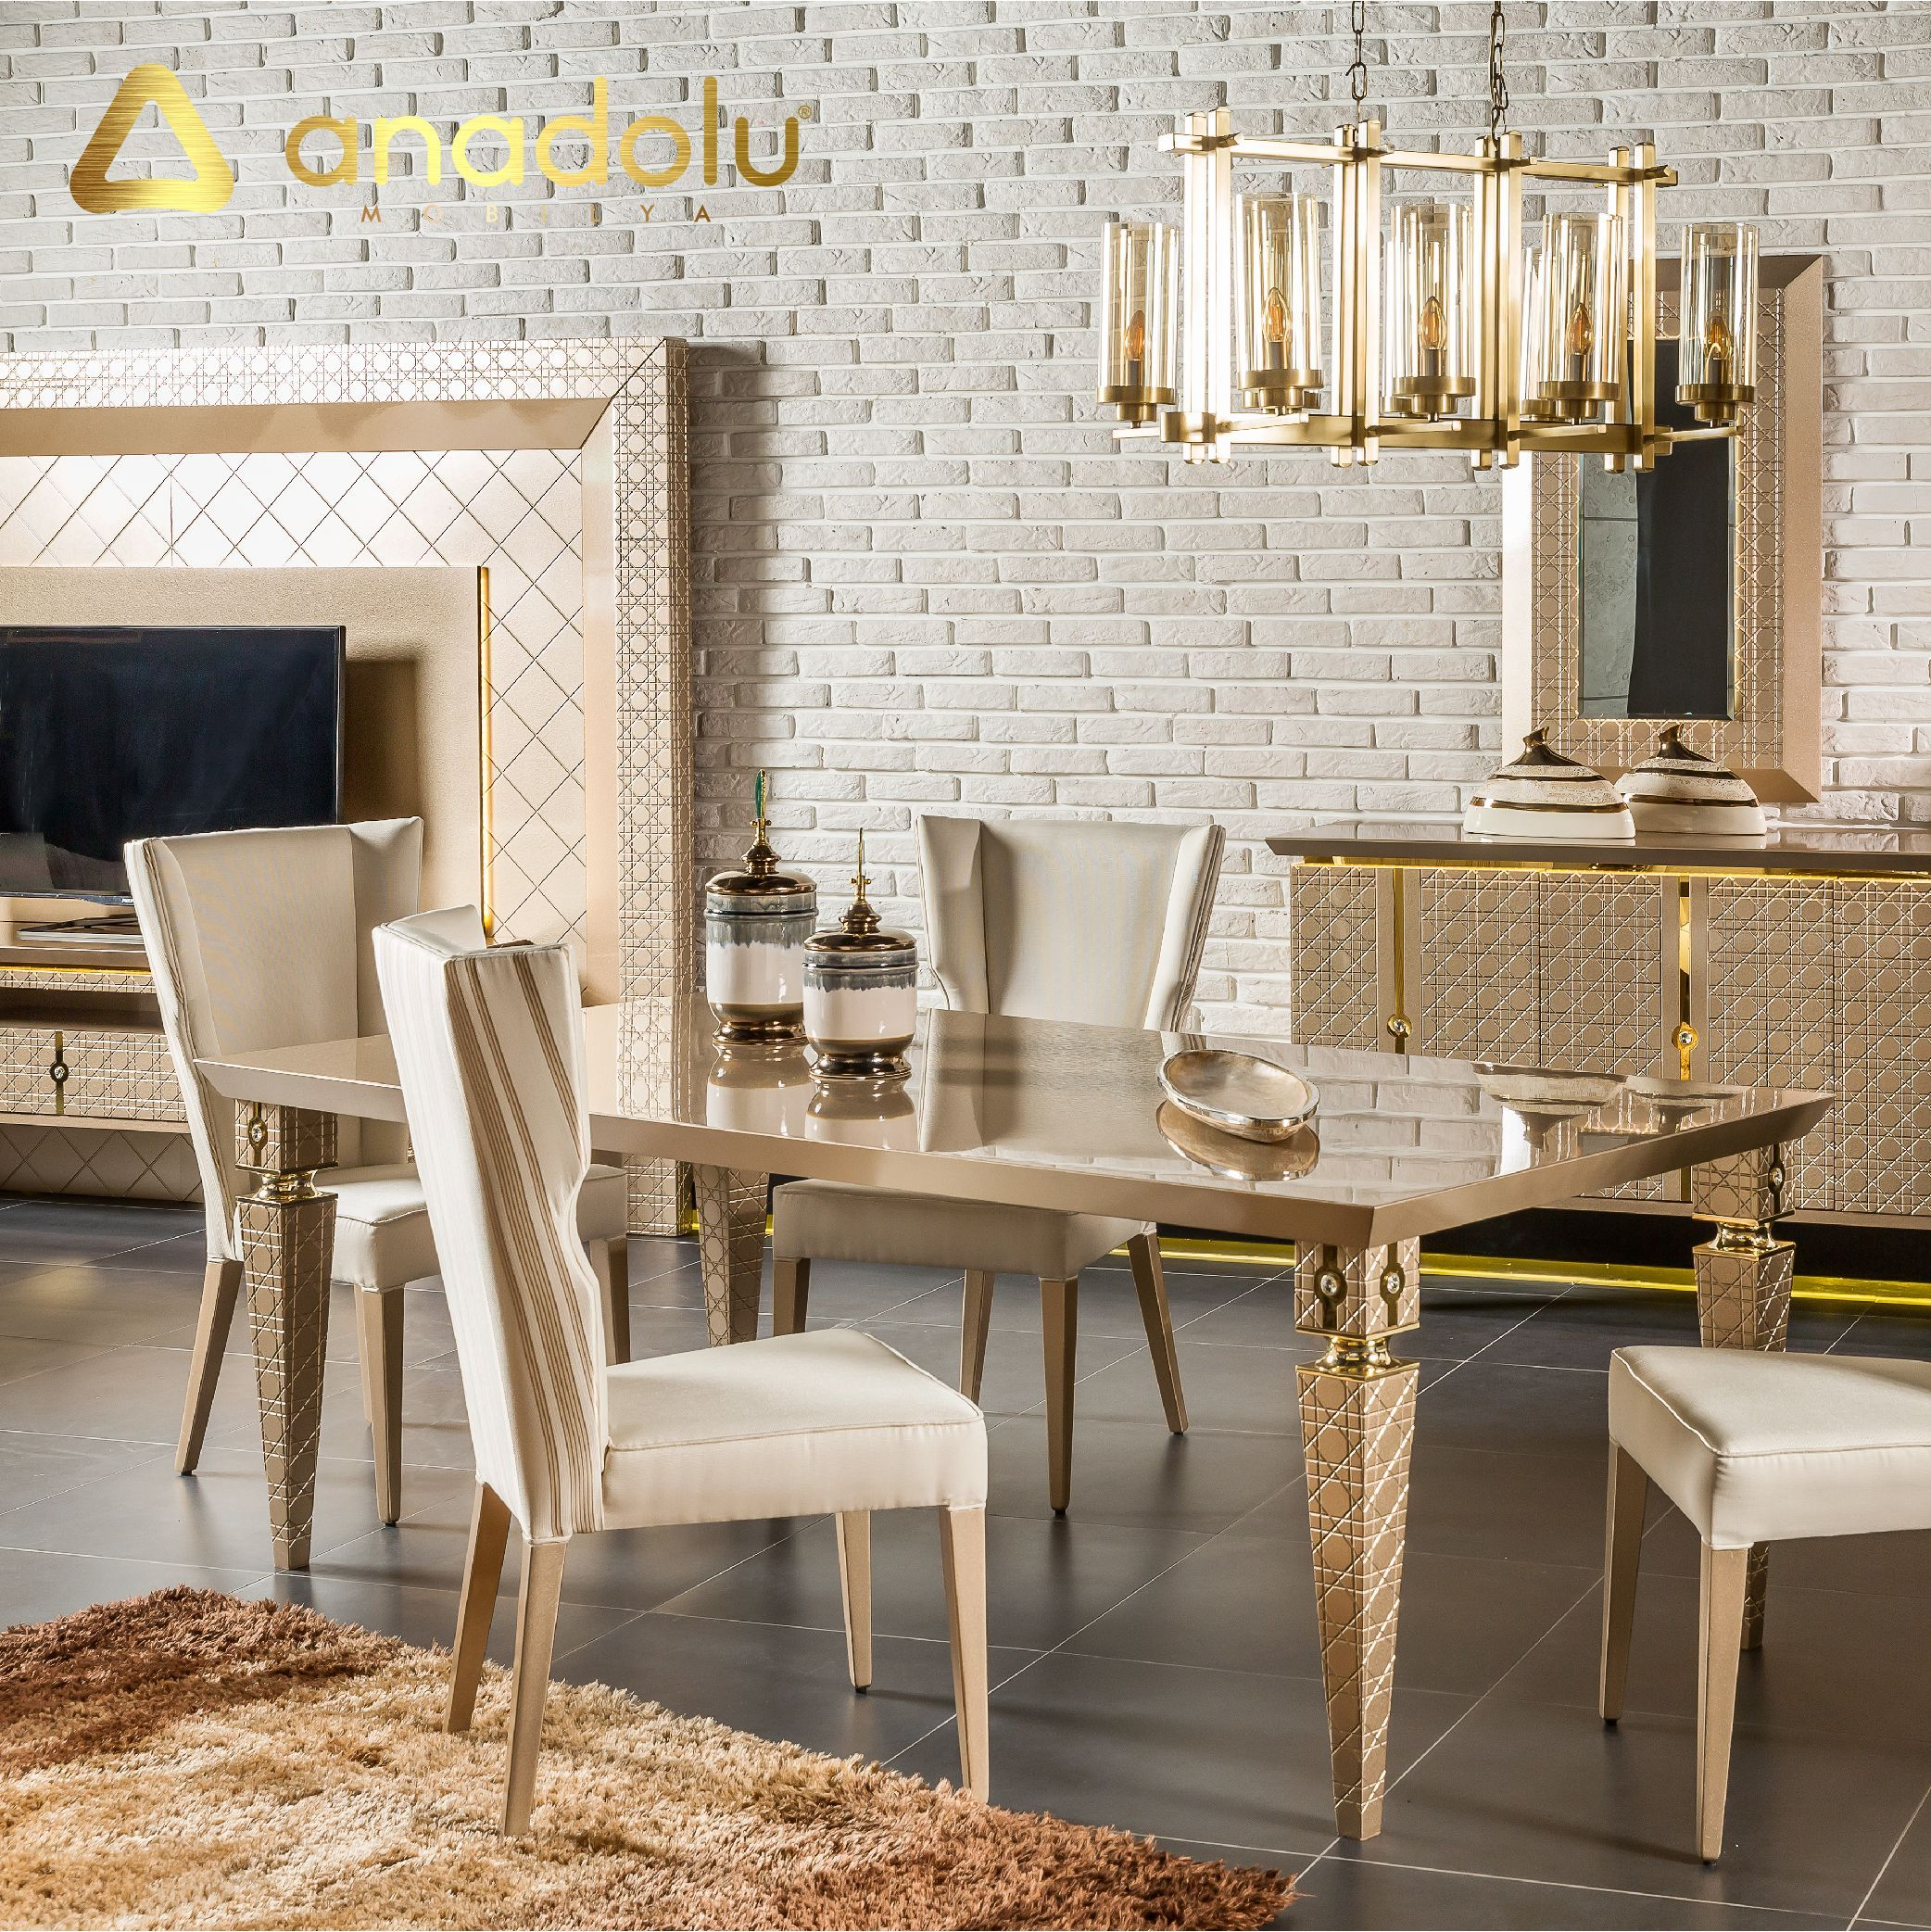 Wois Yemek Ve Oturma Takimi Anadolu Mobilya Anadolumobilya Anadolu1957 Ankaramobilya Icmimari Oturm Dining Table Apartment Design Dining Room Decor